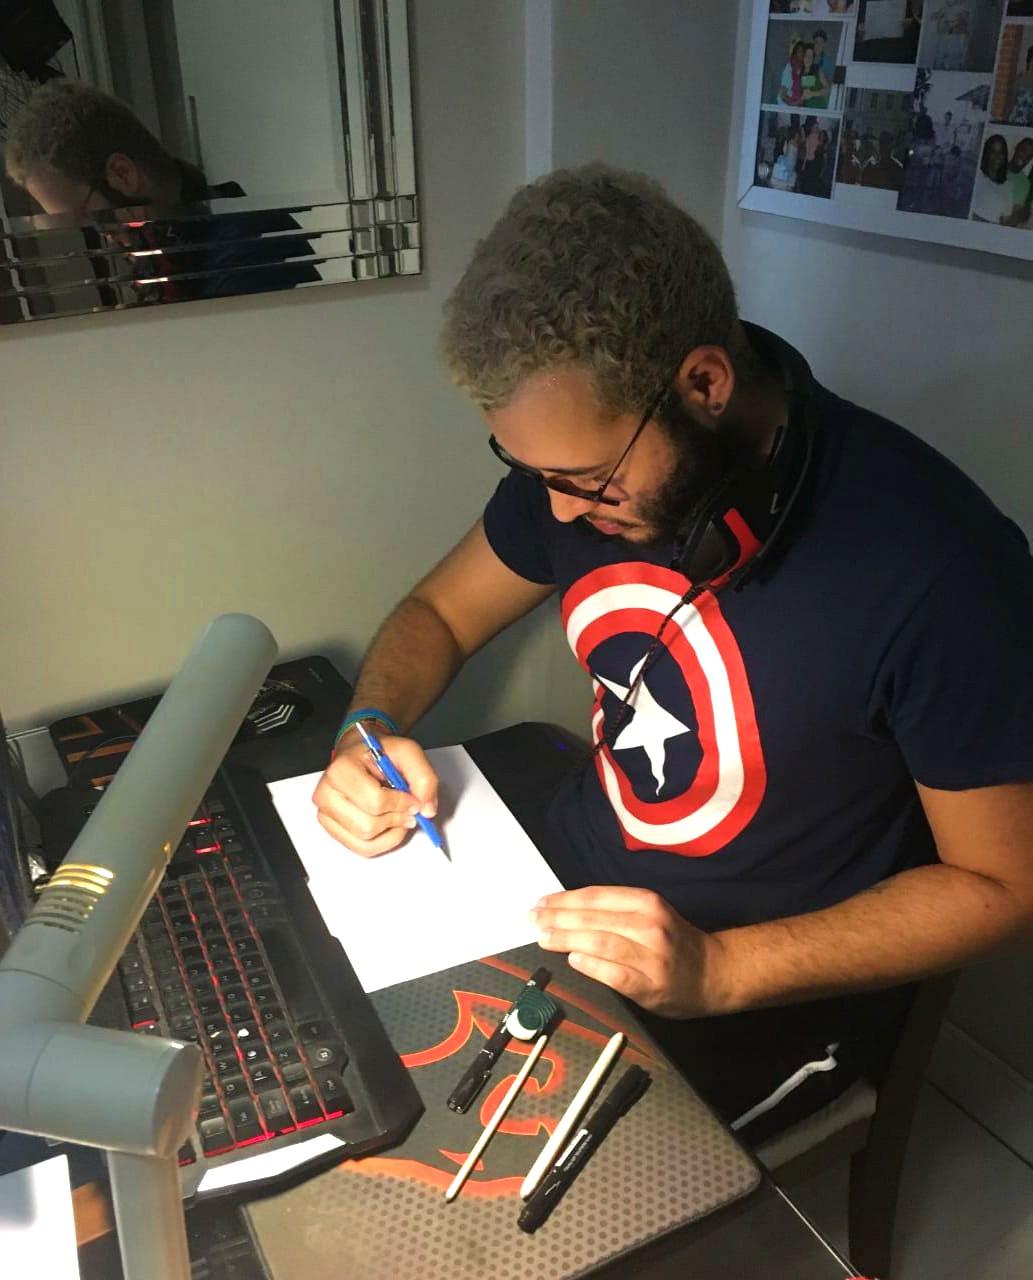 Hugo Matheus, nosso aluno de Jogos Digitais, que está no primeiro trimestre do curso, mas já lançou nas redes sociais a marca de seu estúdio de jogos independente.